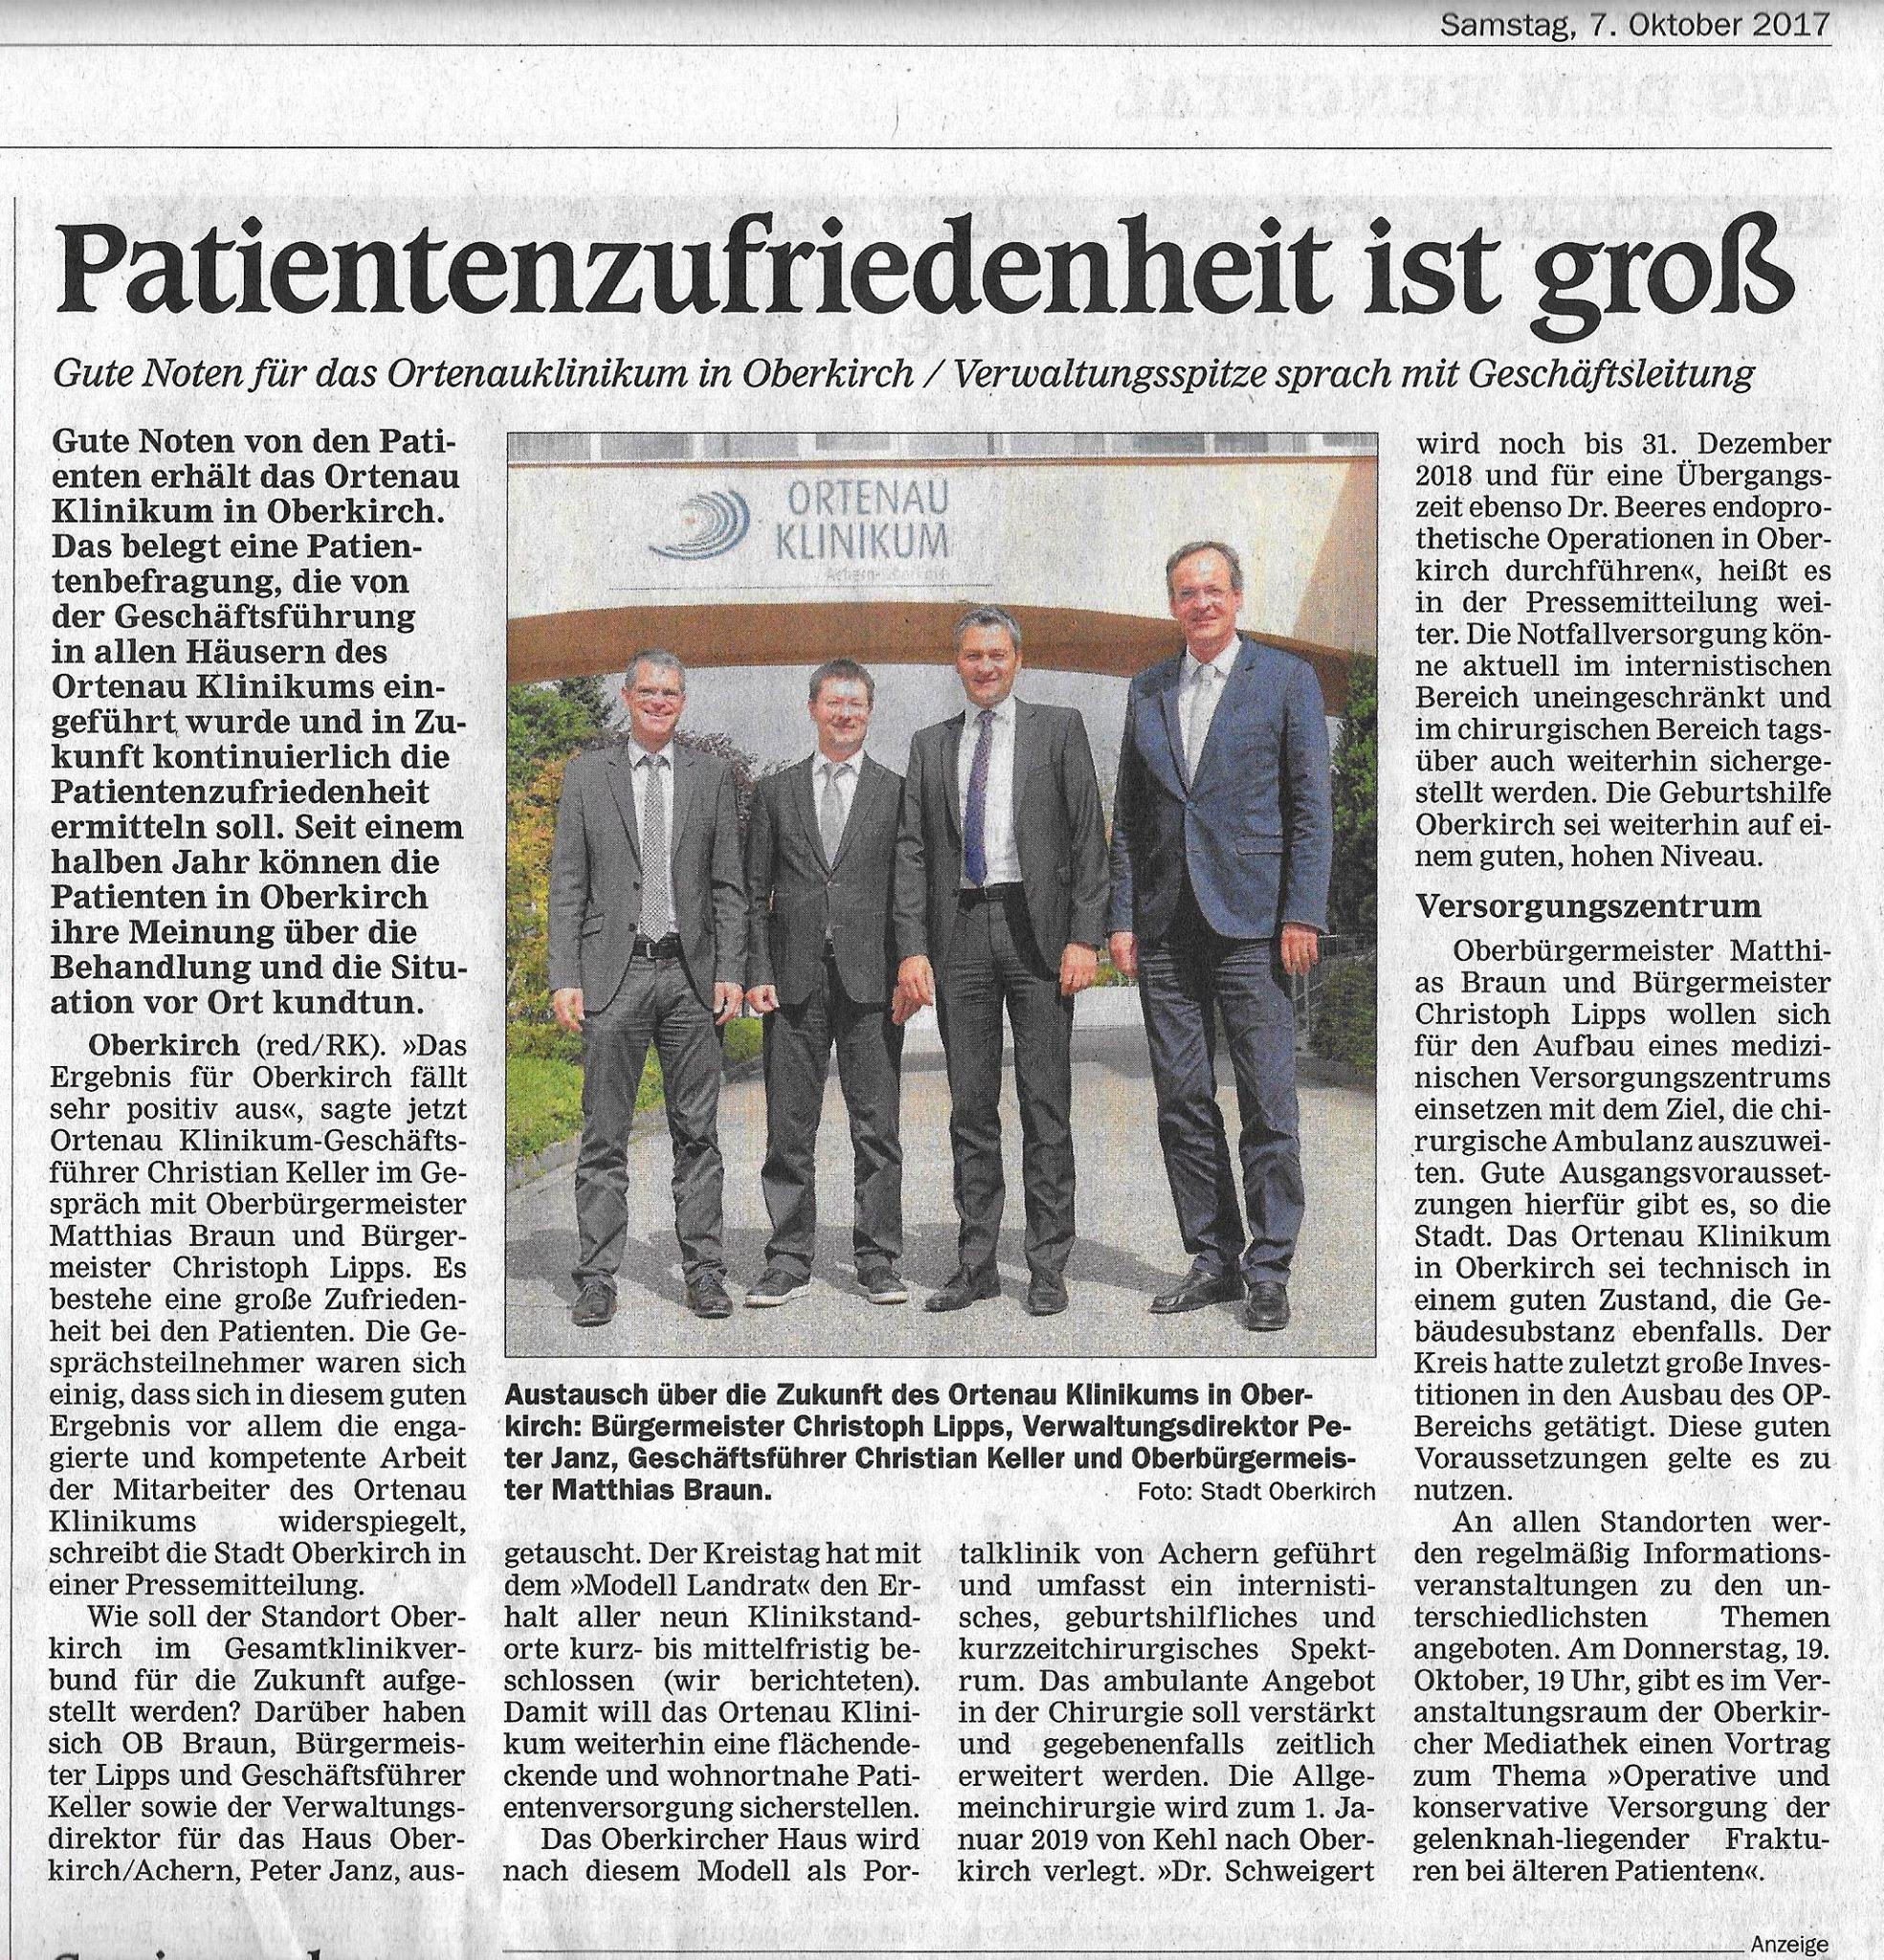 Krankenhaus Oberkirch Patientenzufriedenheit